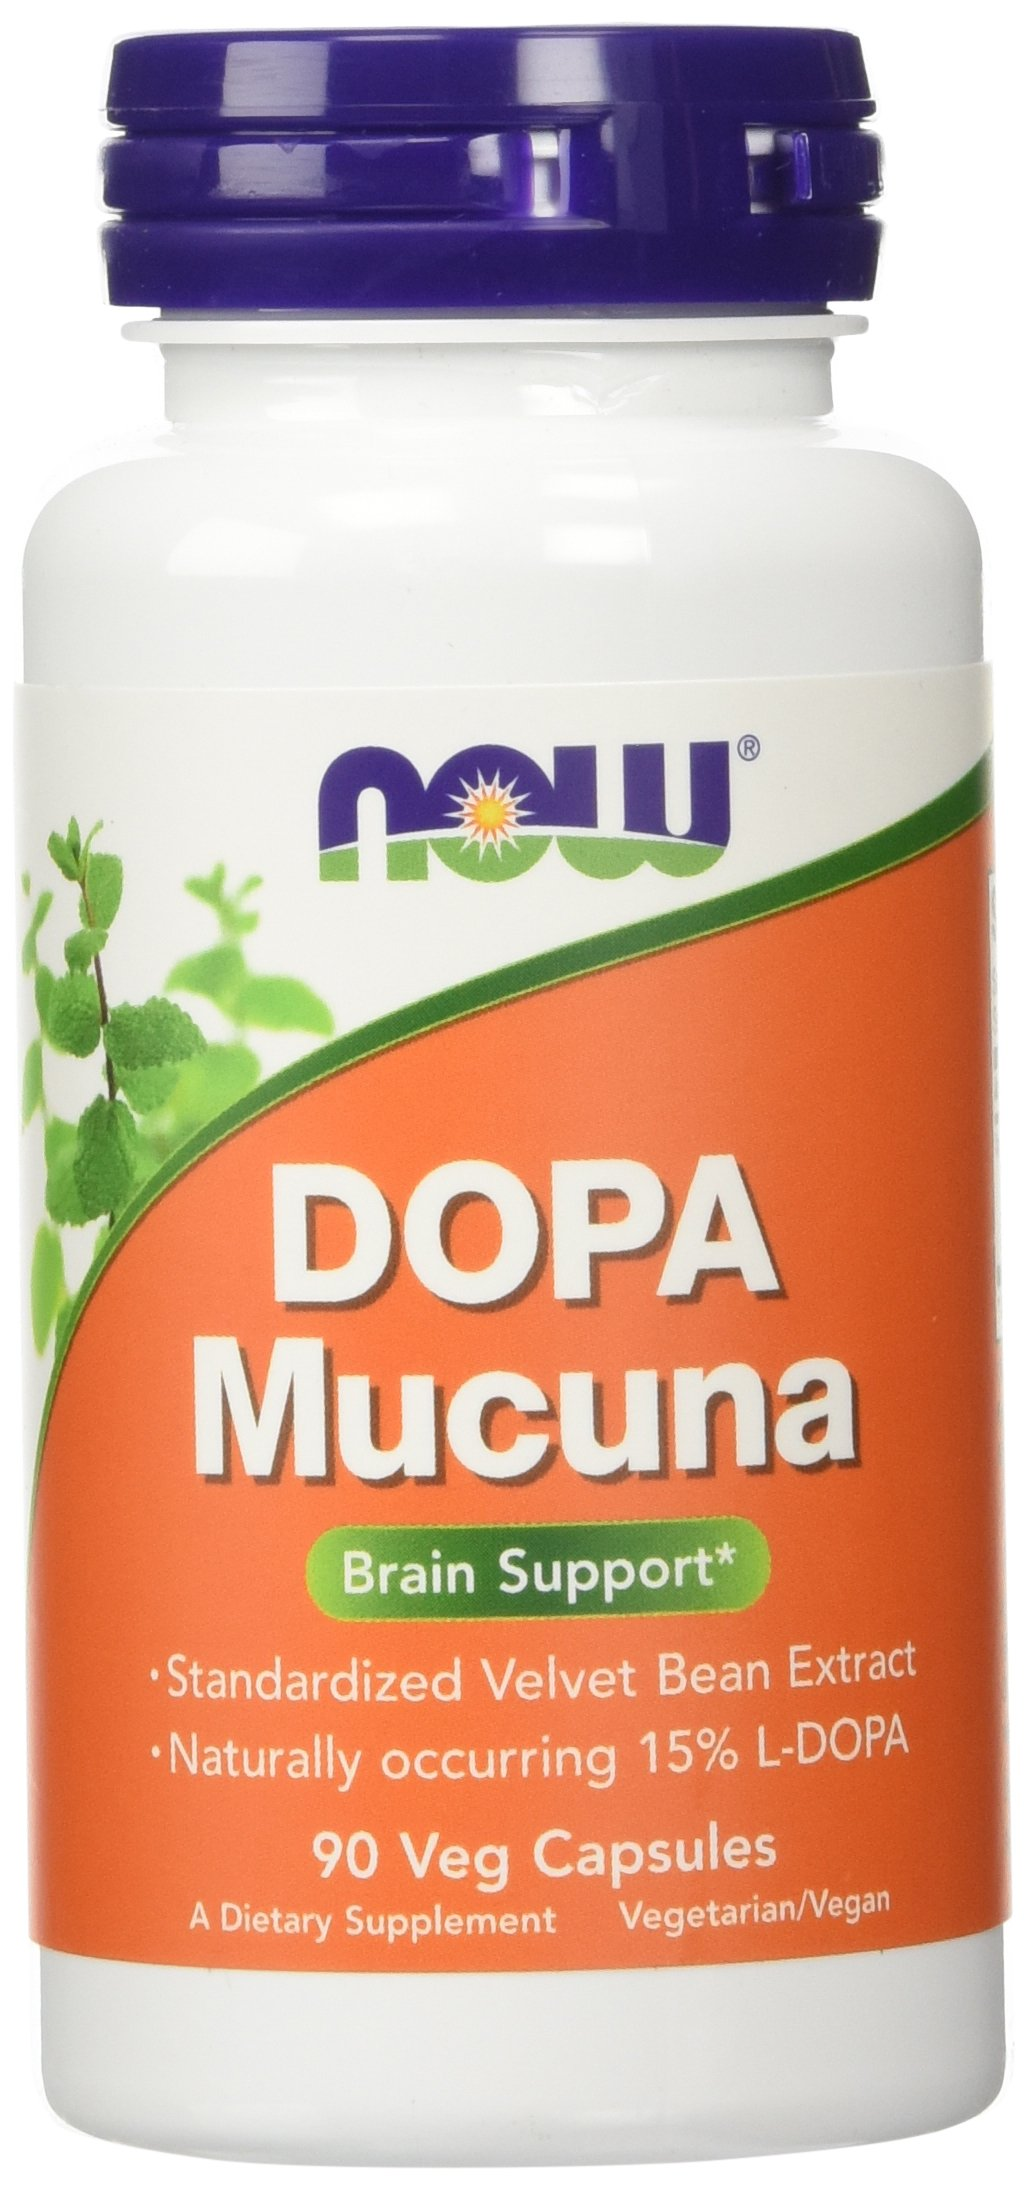 NOW DOPA Mucuna,90 Veg Capsules